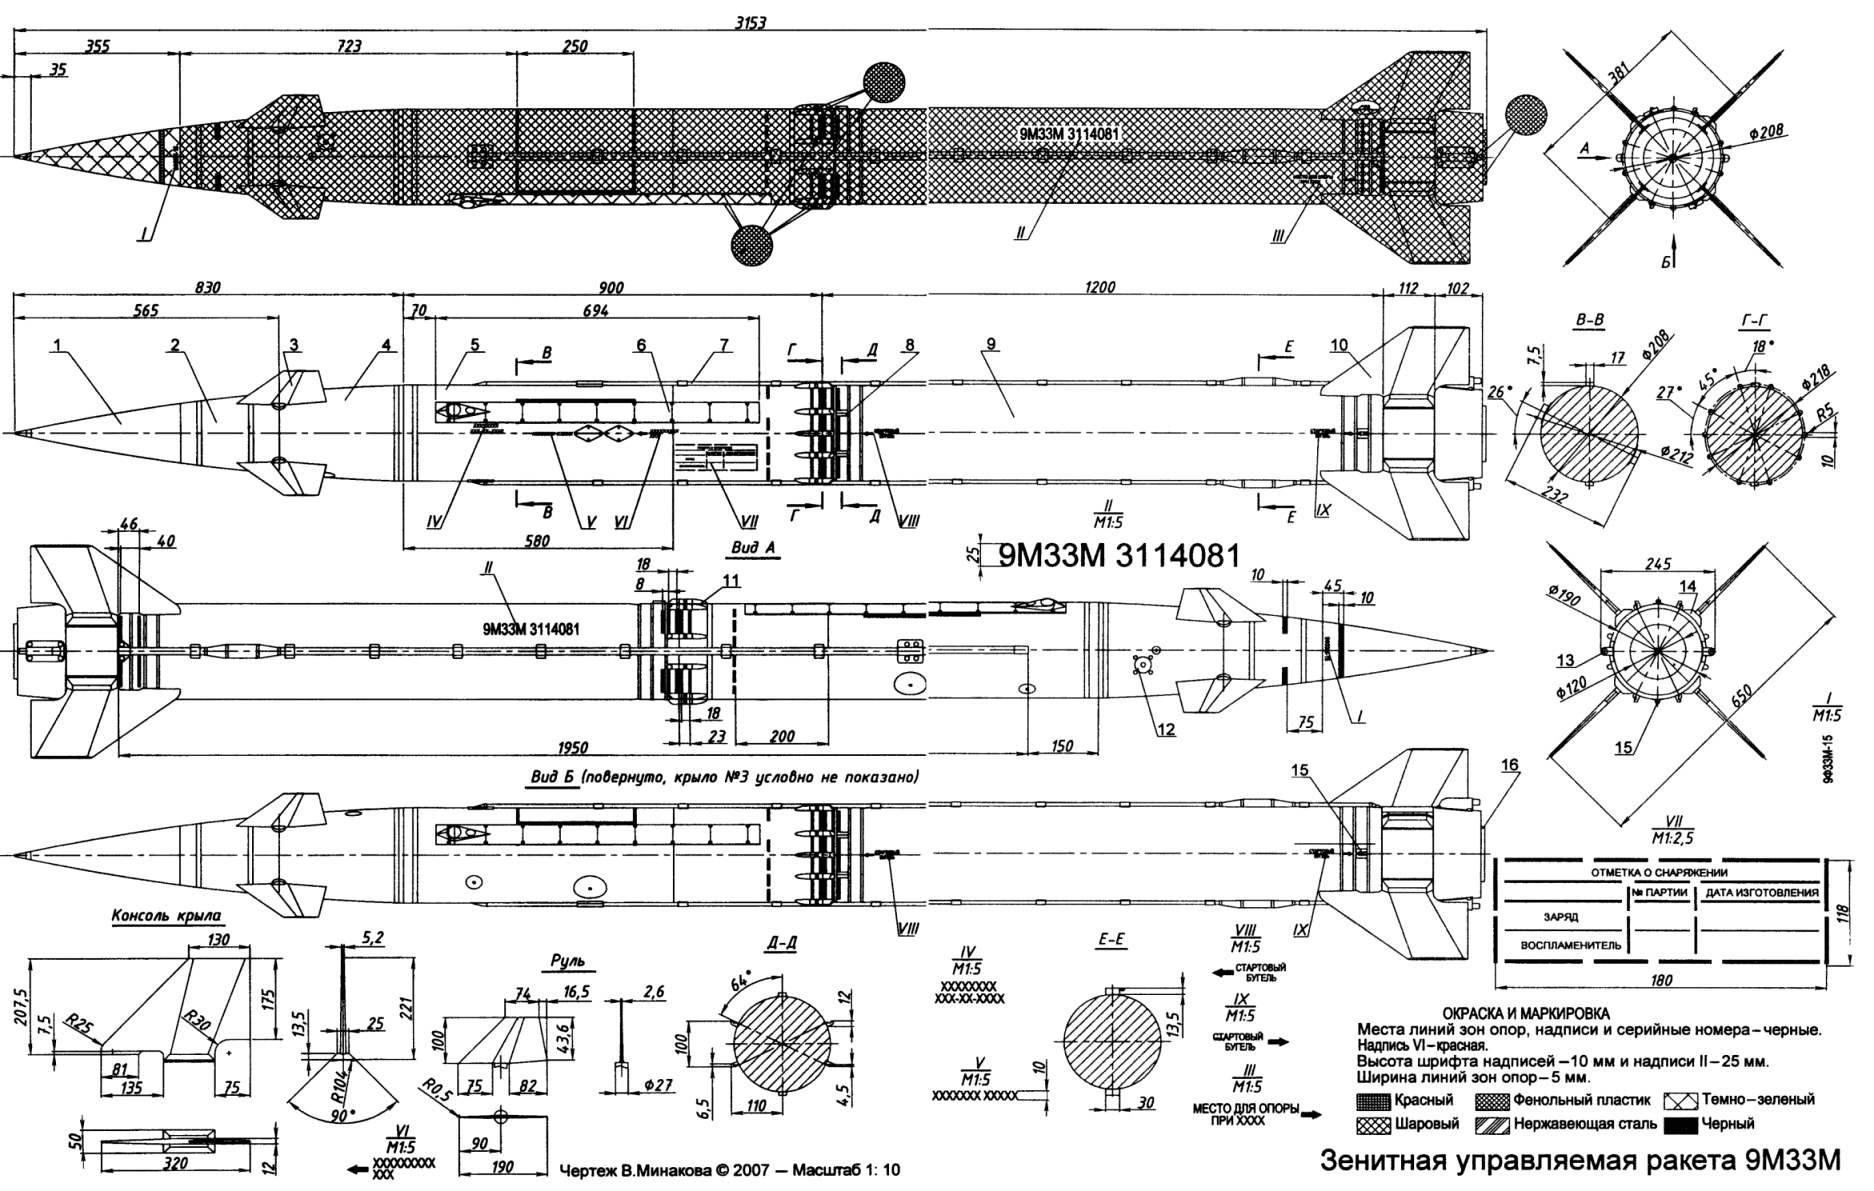 Зенитная управляемая ракета 9М33М